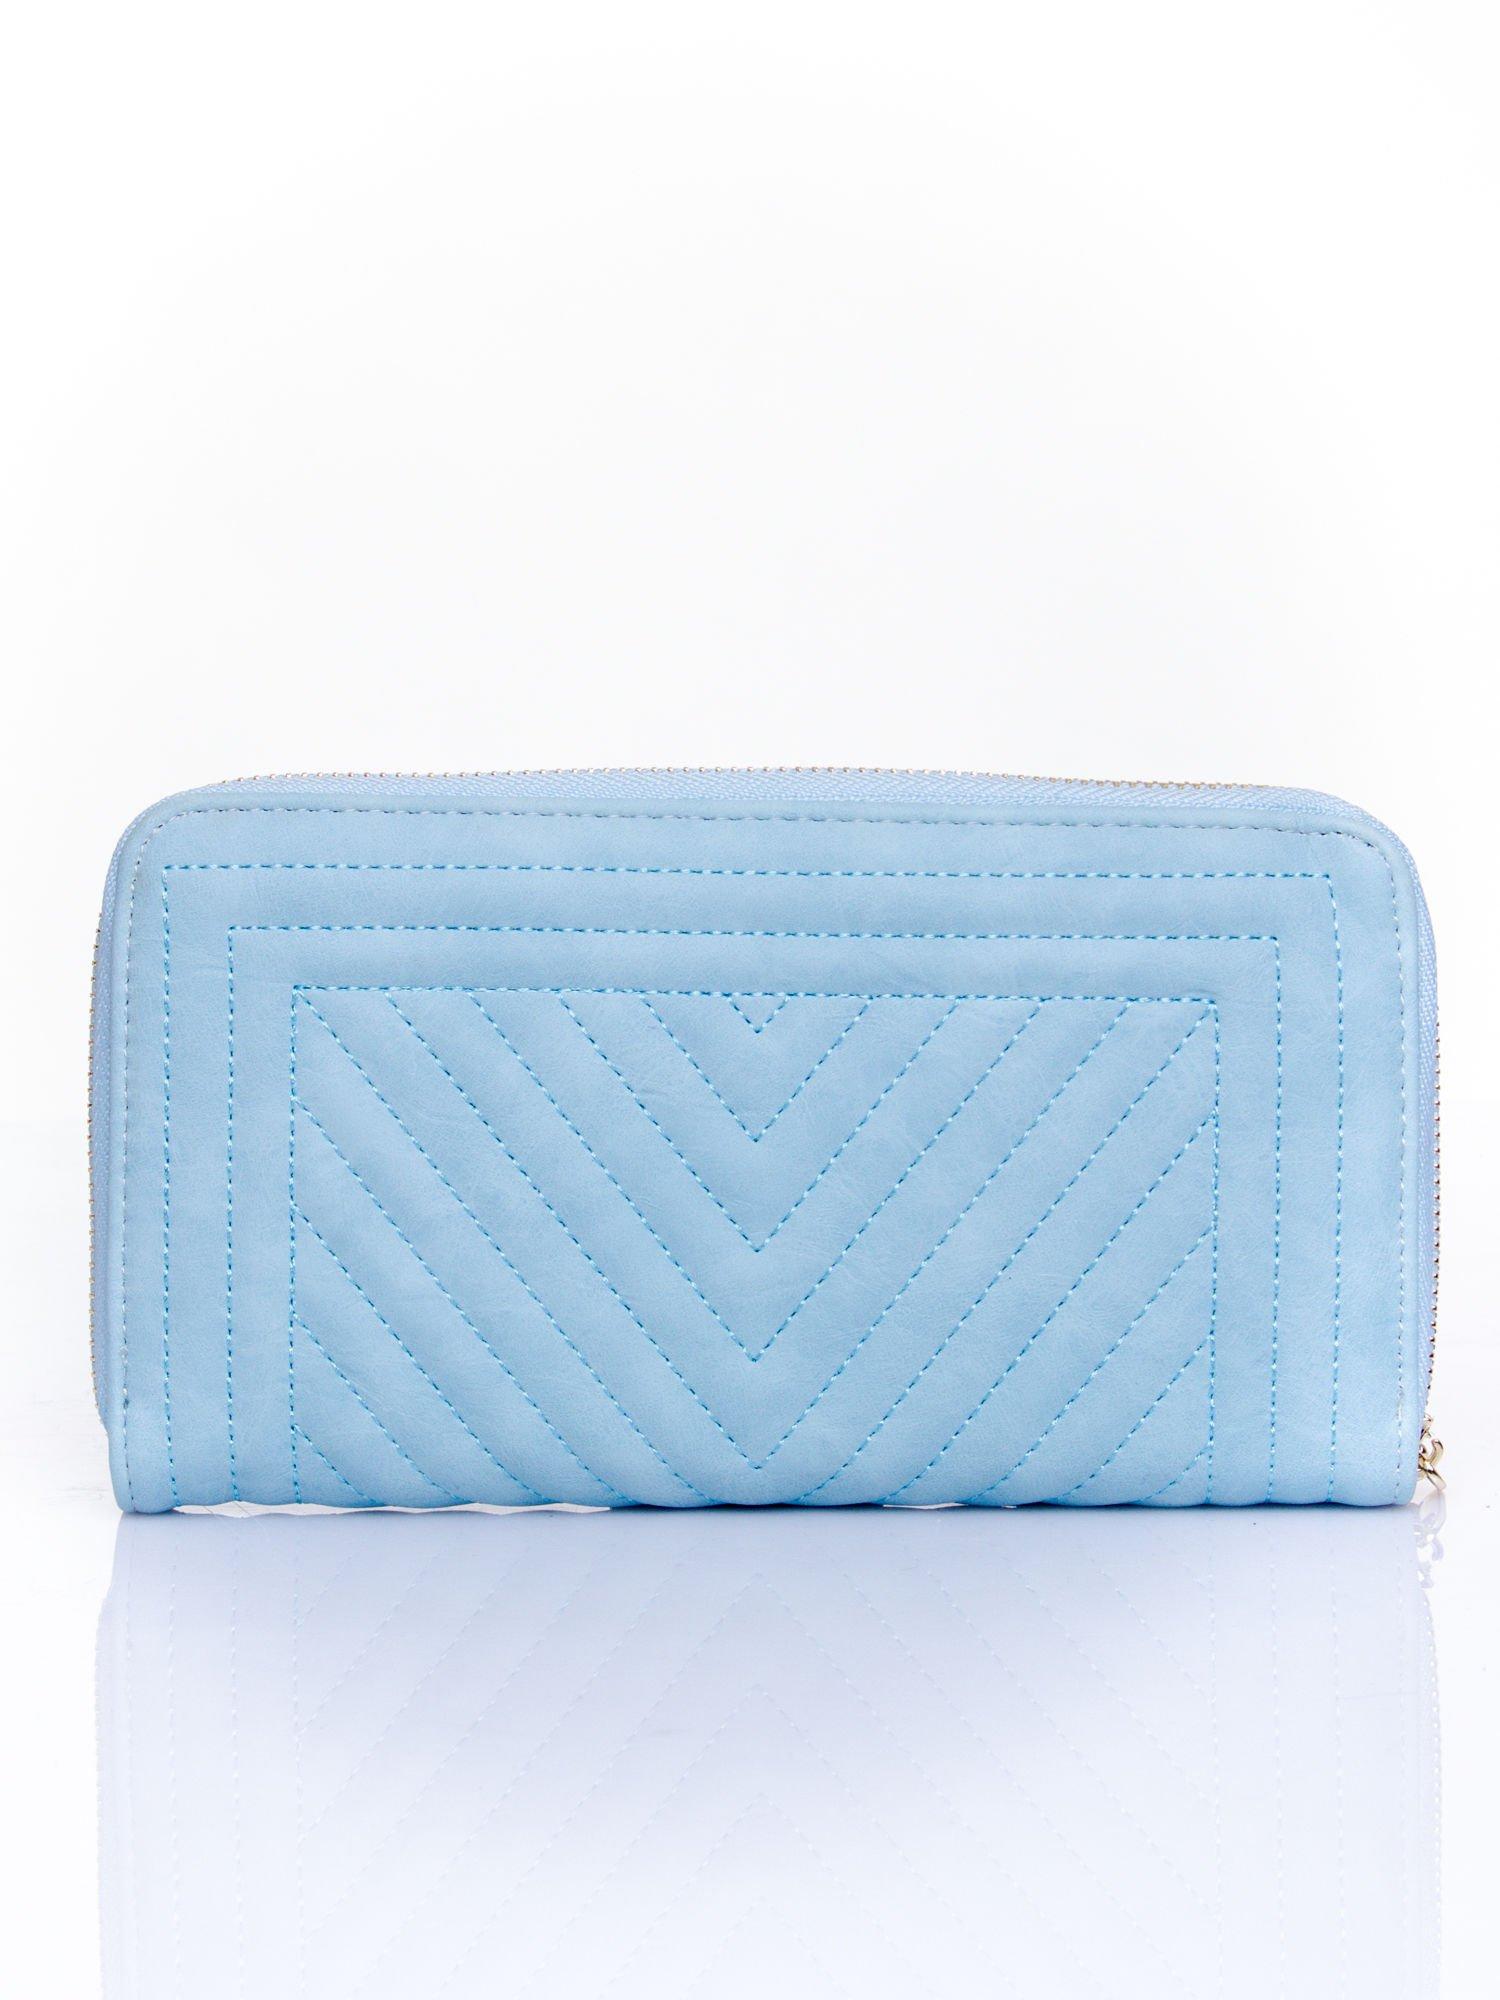 Niebieski pikowany portfel z ozdobną klamerką                                  zdj.                                  2